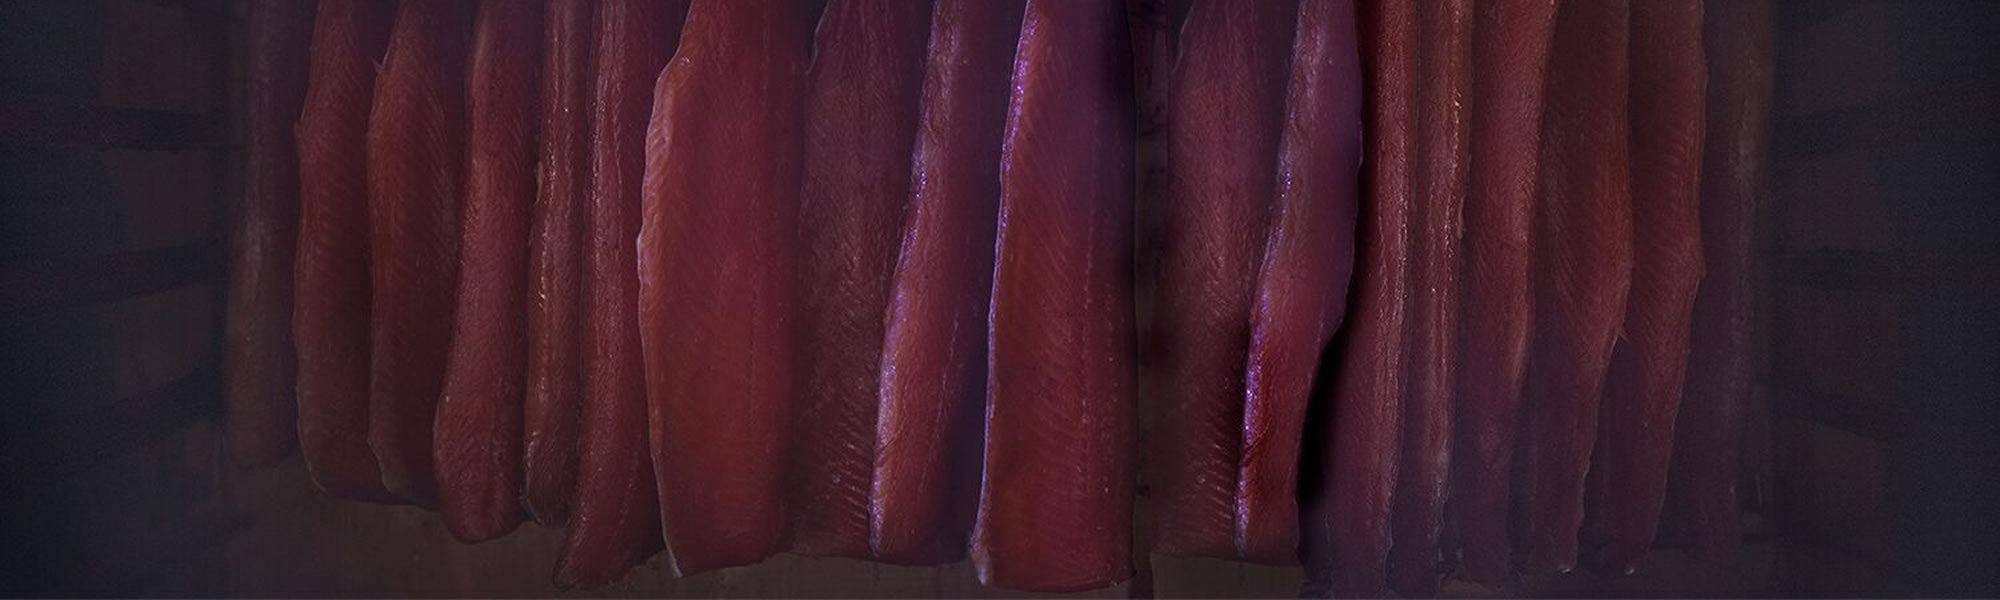 banner-smoking-fish